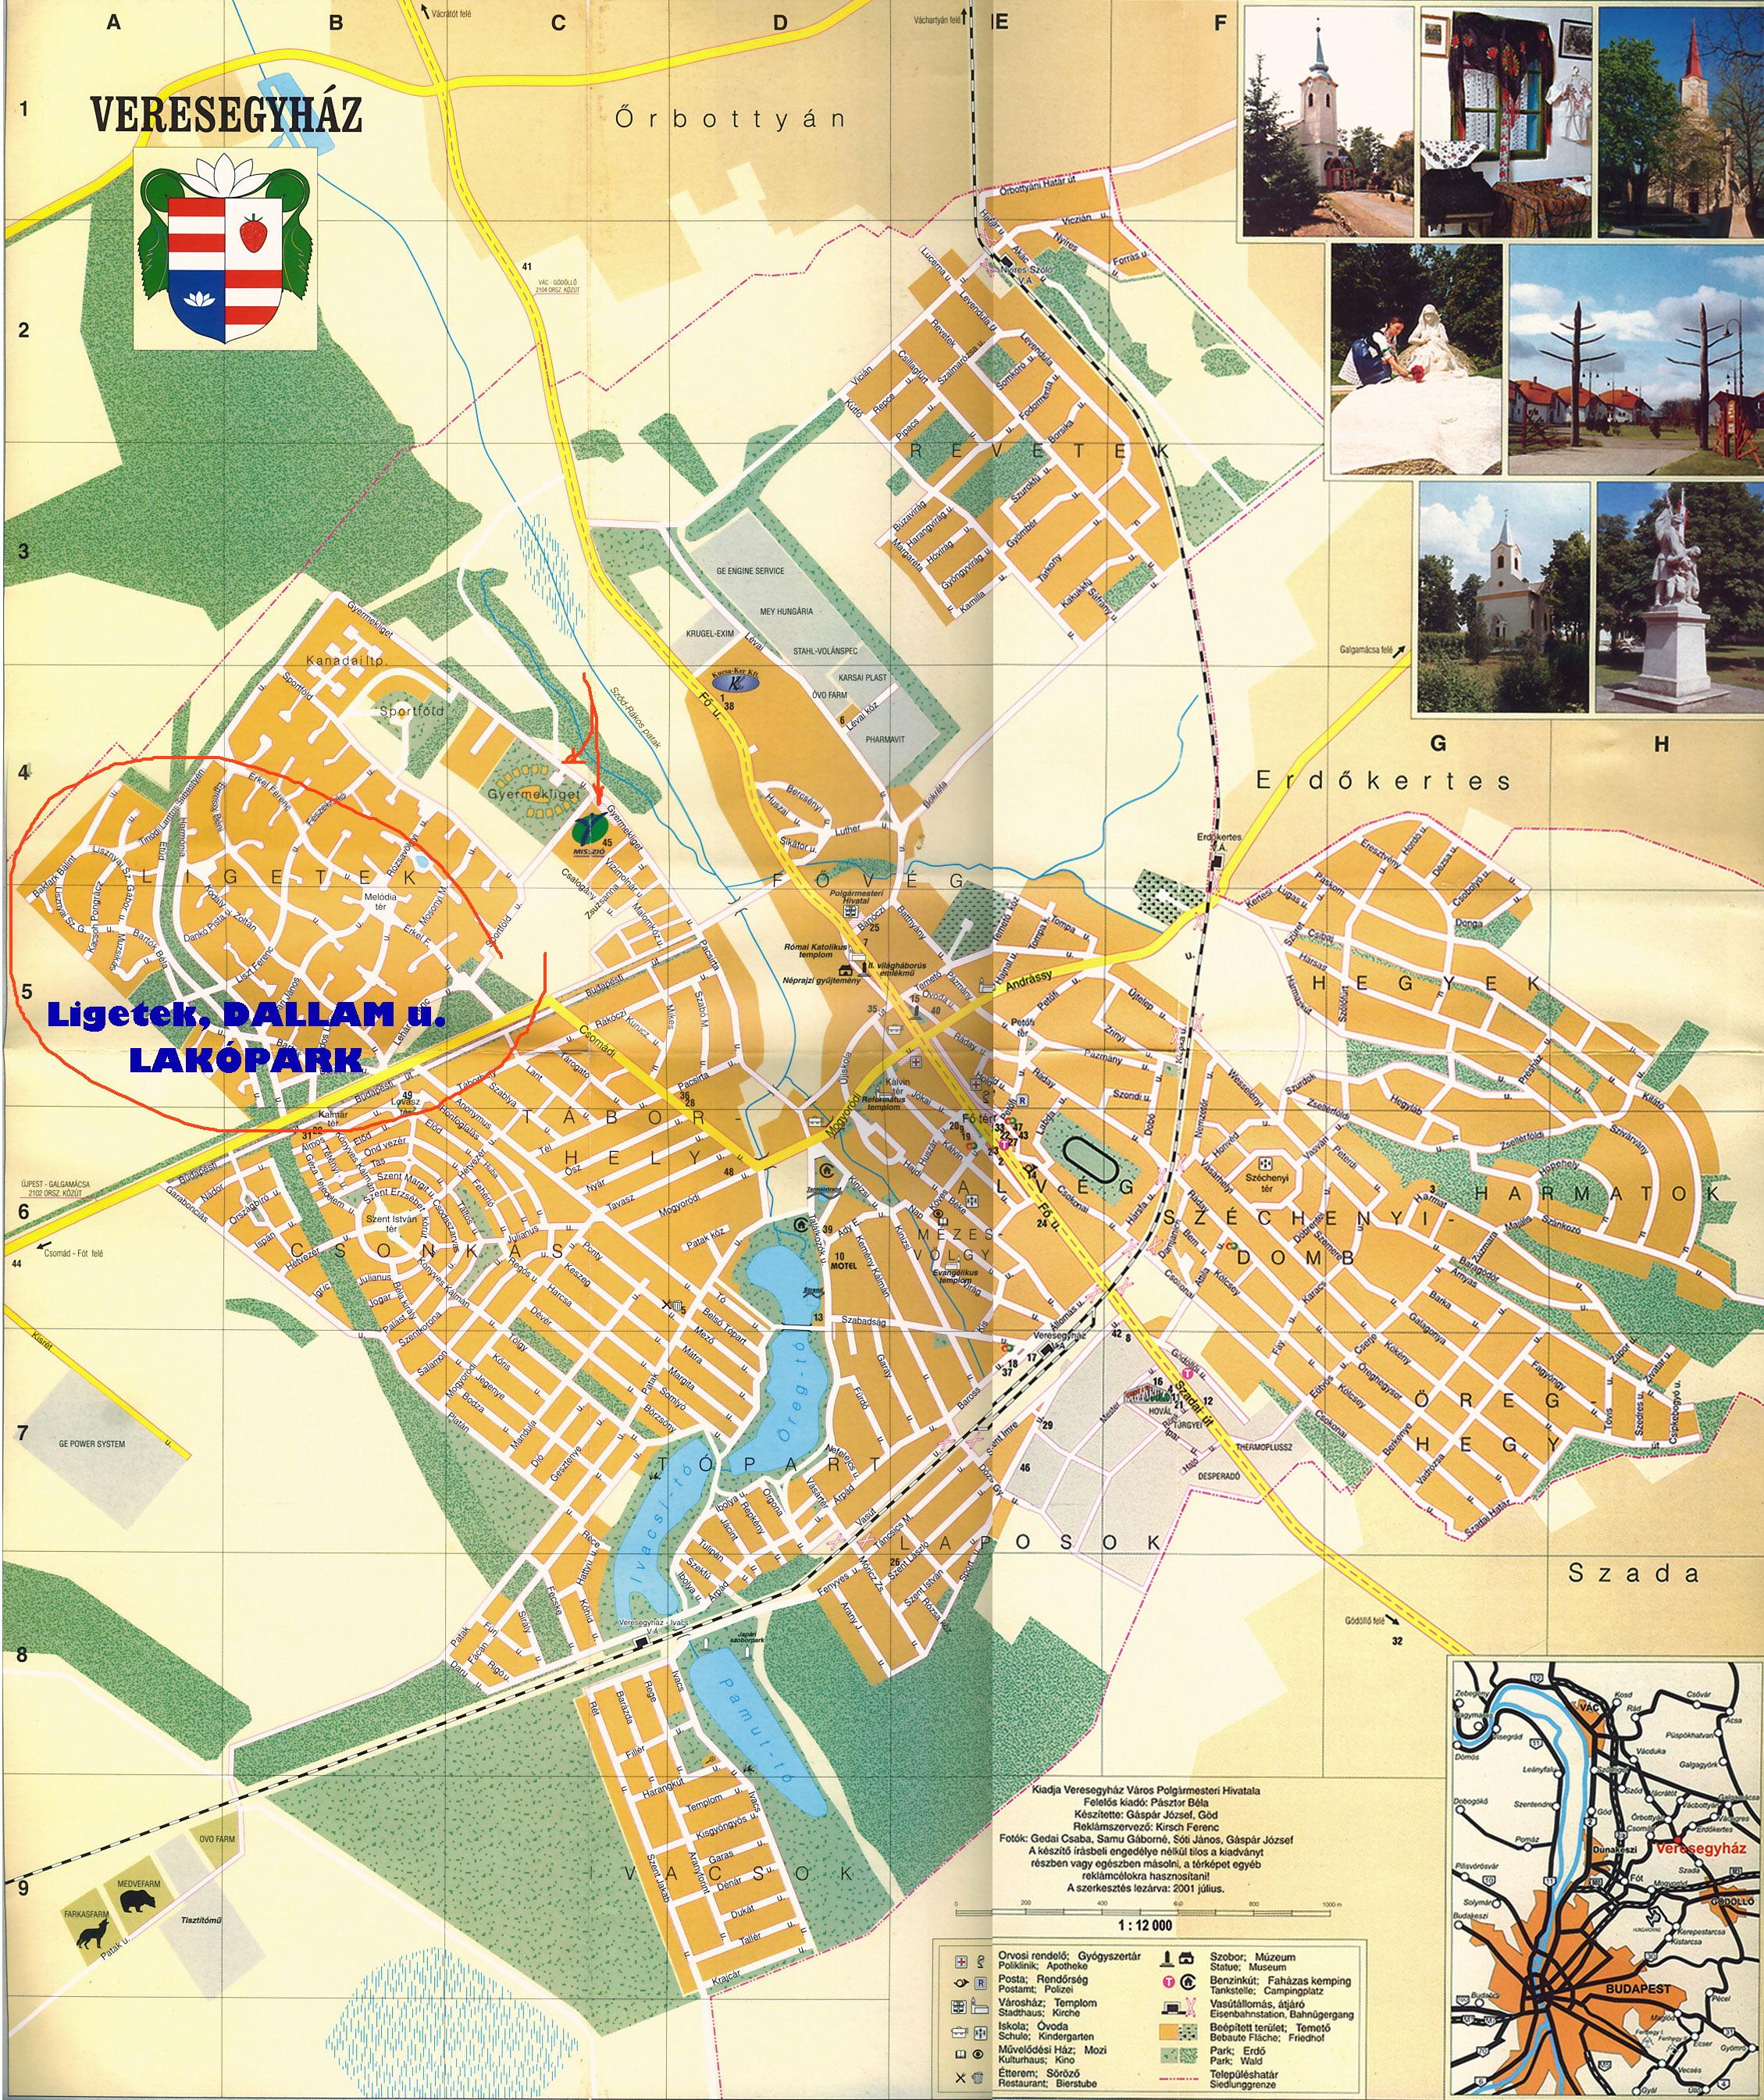 veresegyház térkép Veresegyház veresegyház térkép